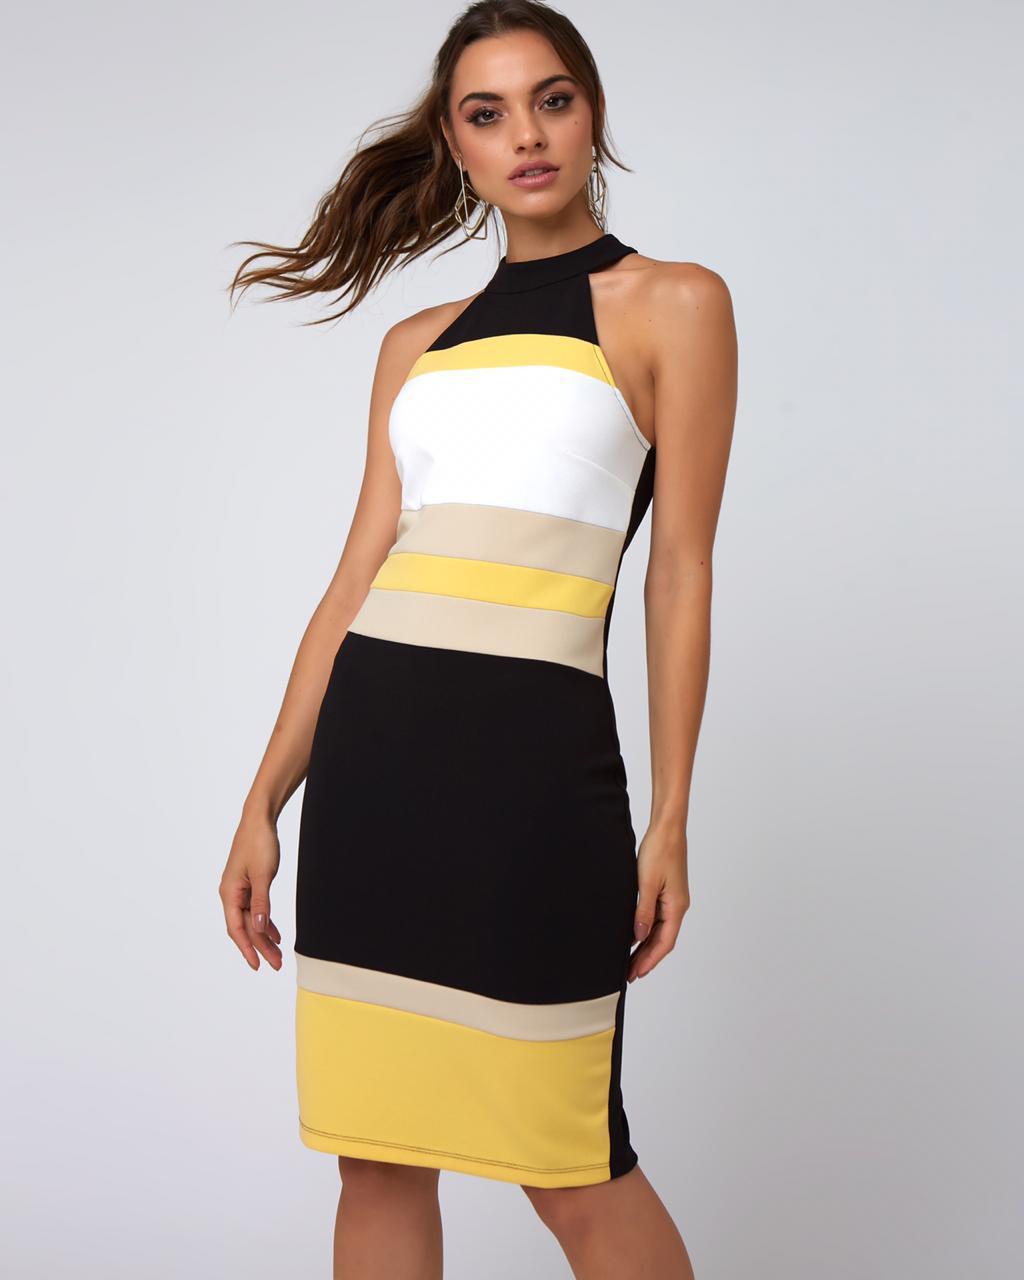 Vestido Marcia Crepe Colors 3% Elastano